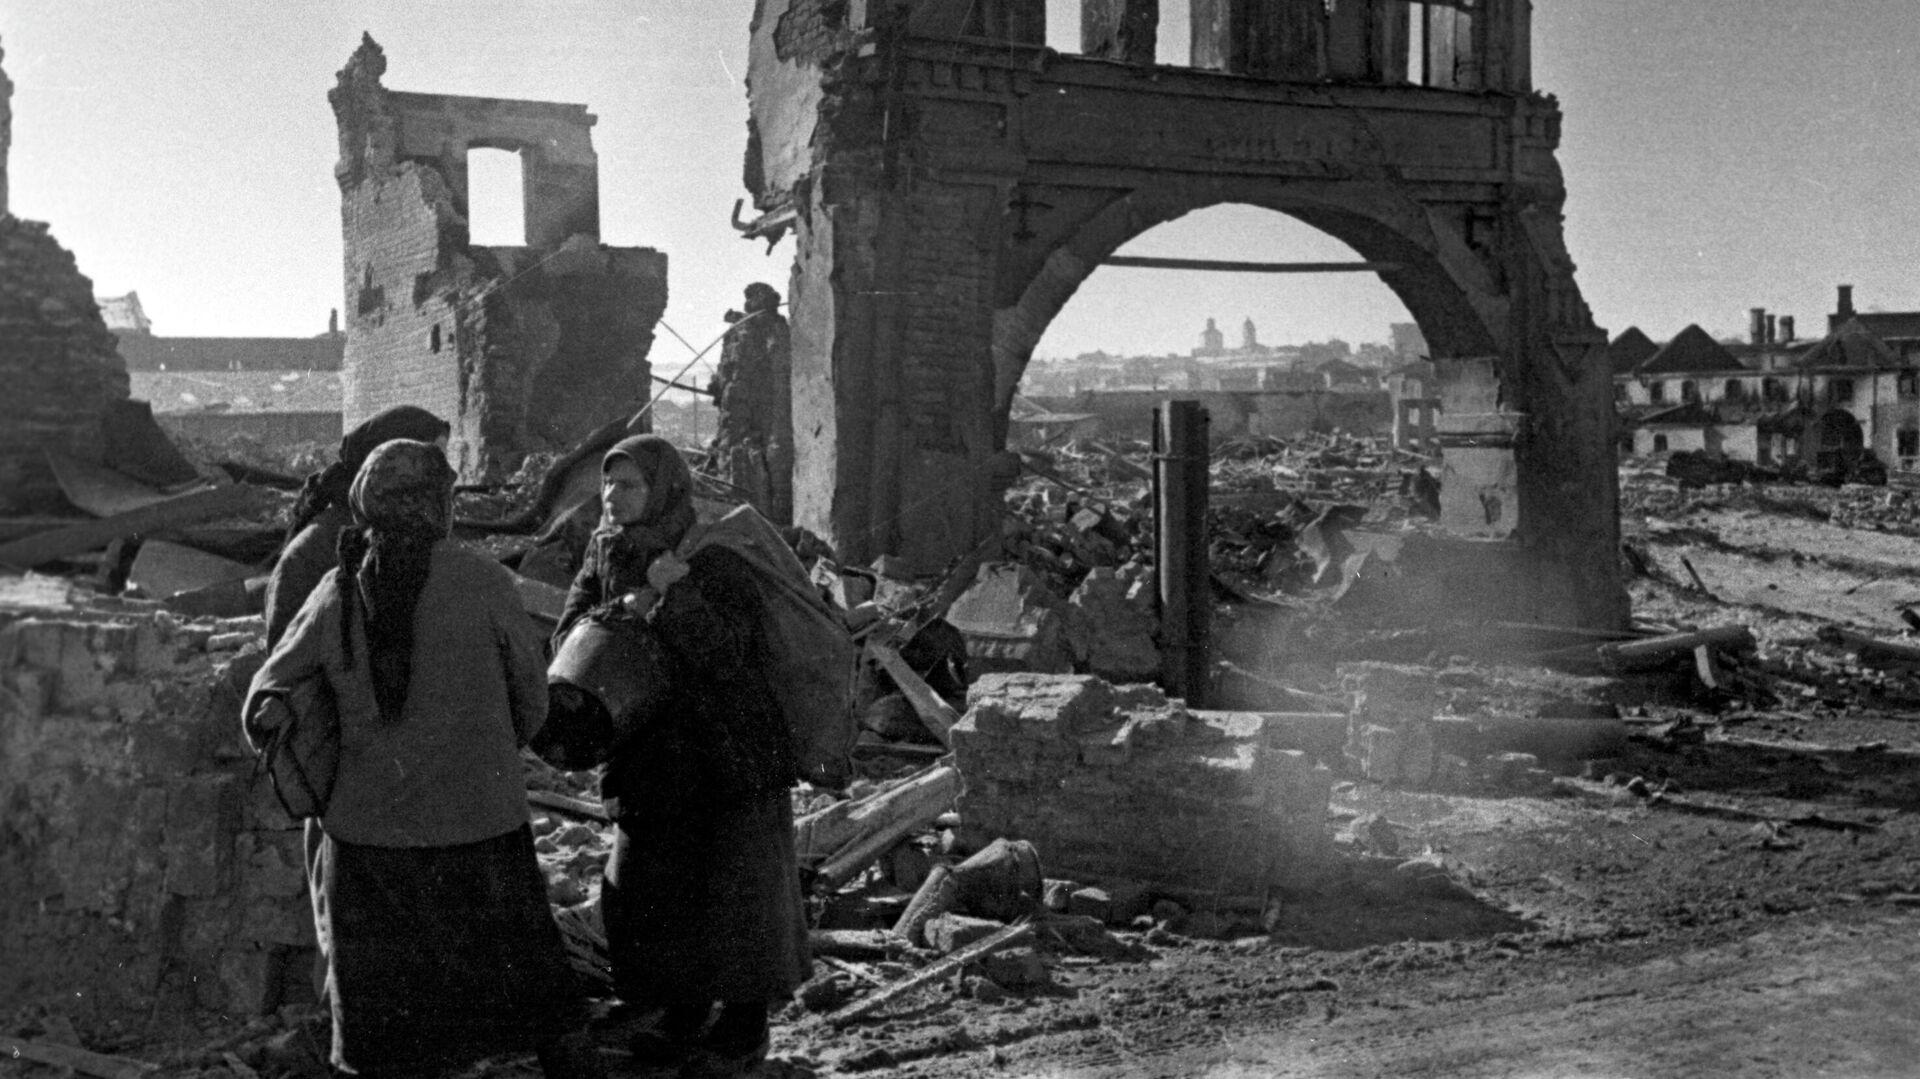 Руины города Вязьмы после боев за освобождение от немецко-фашистских захватчиков - РИА Новости, 1920, 21.05.2020